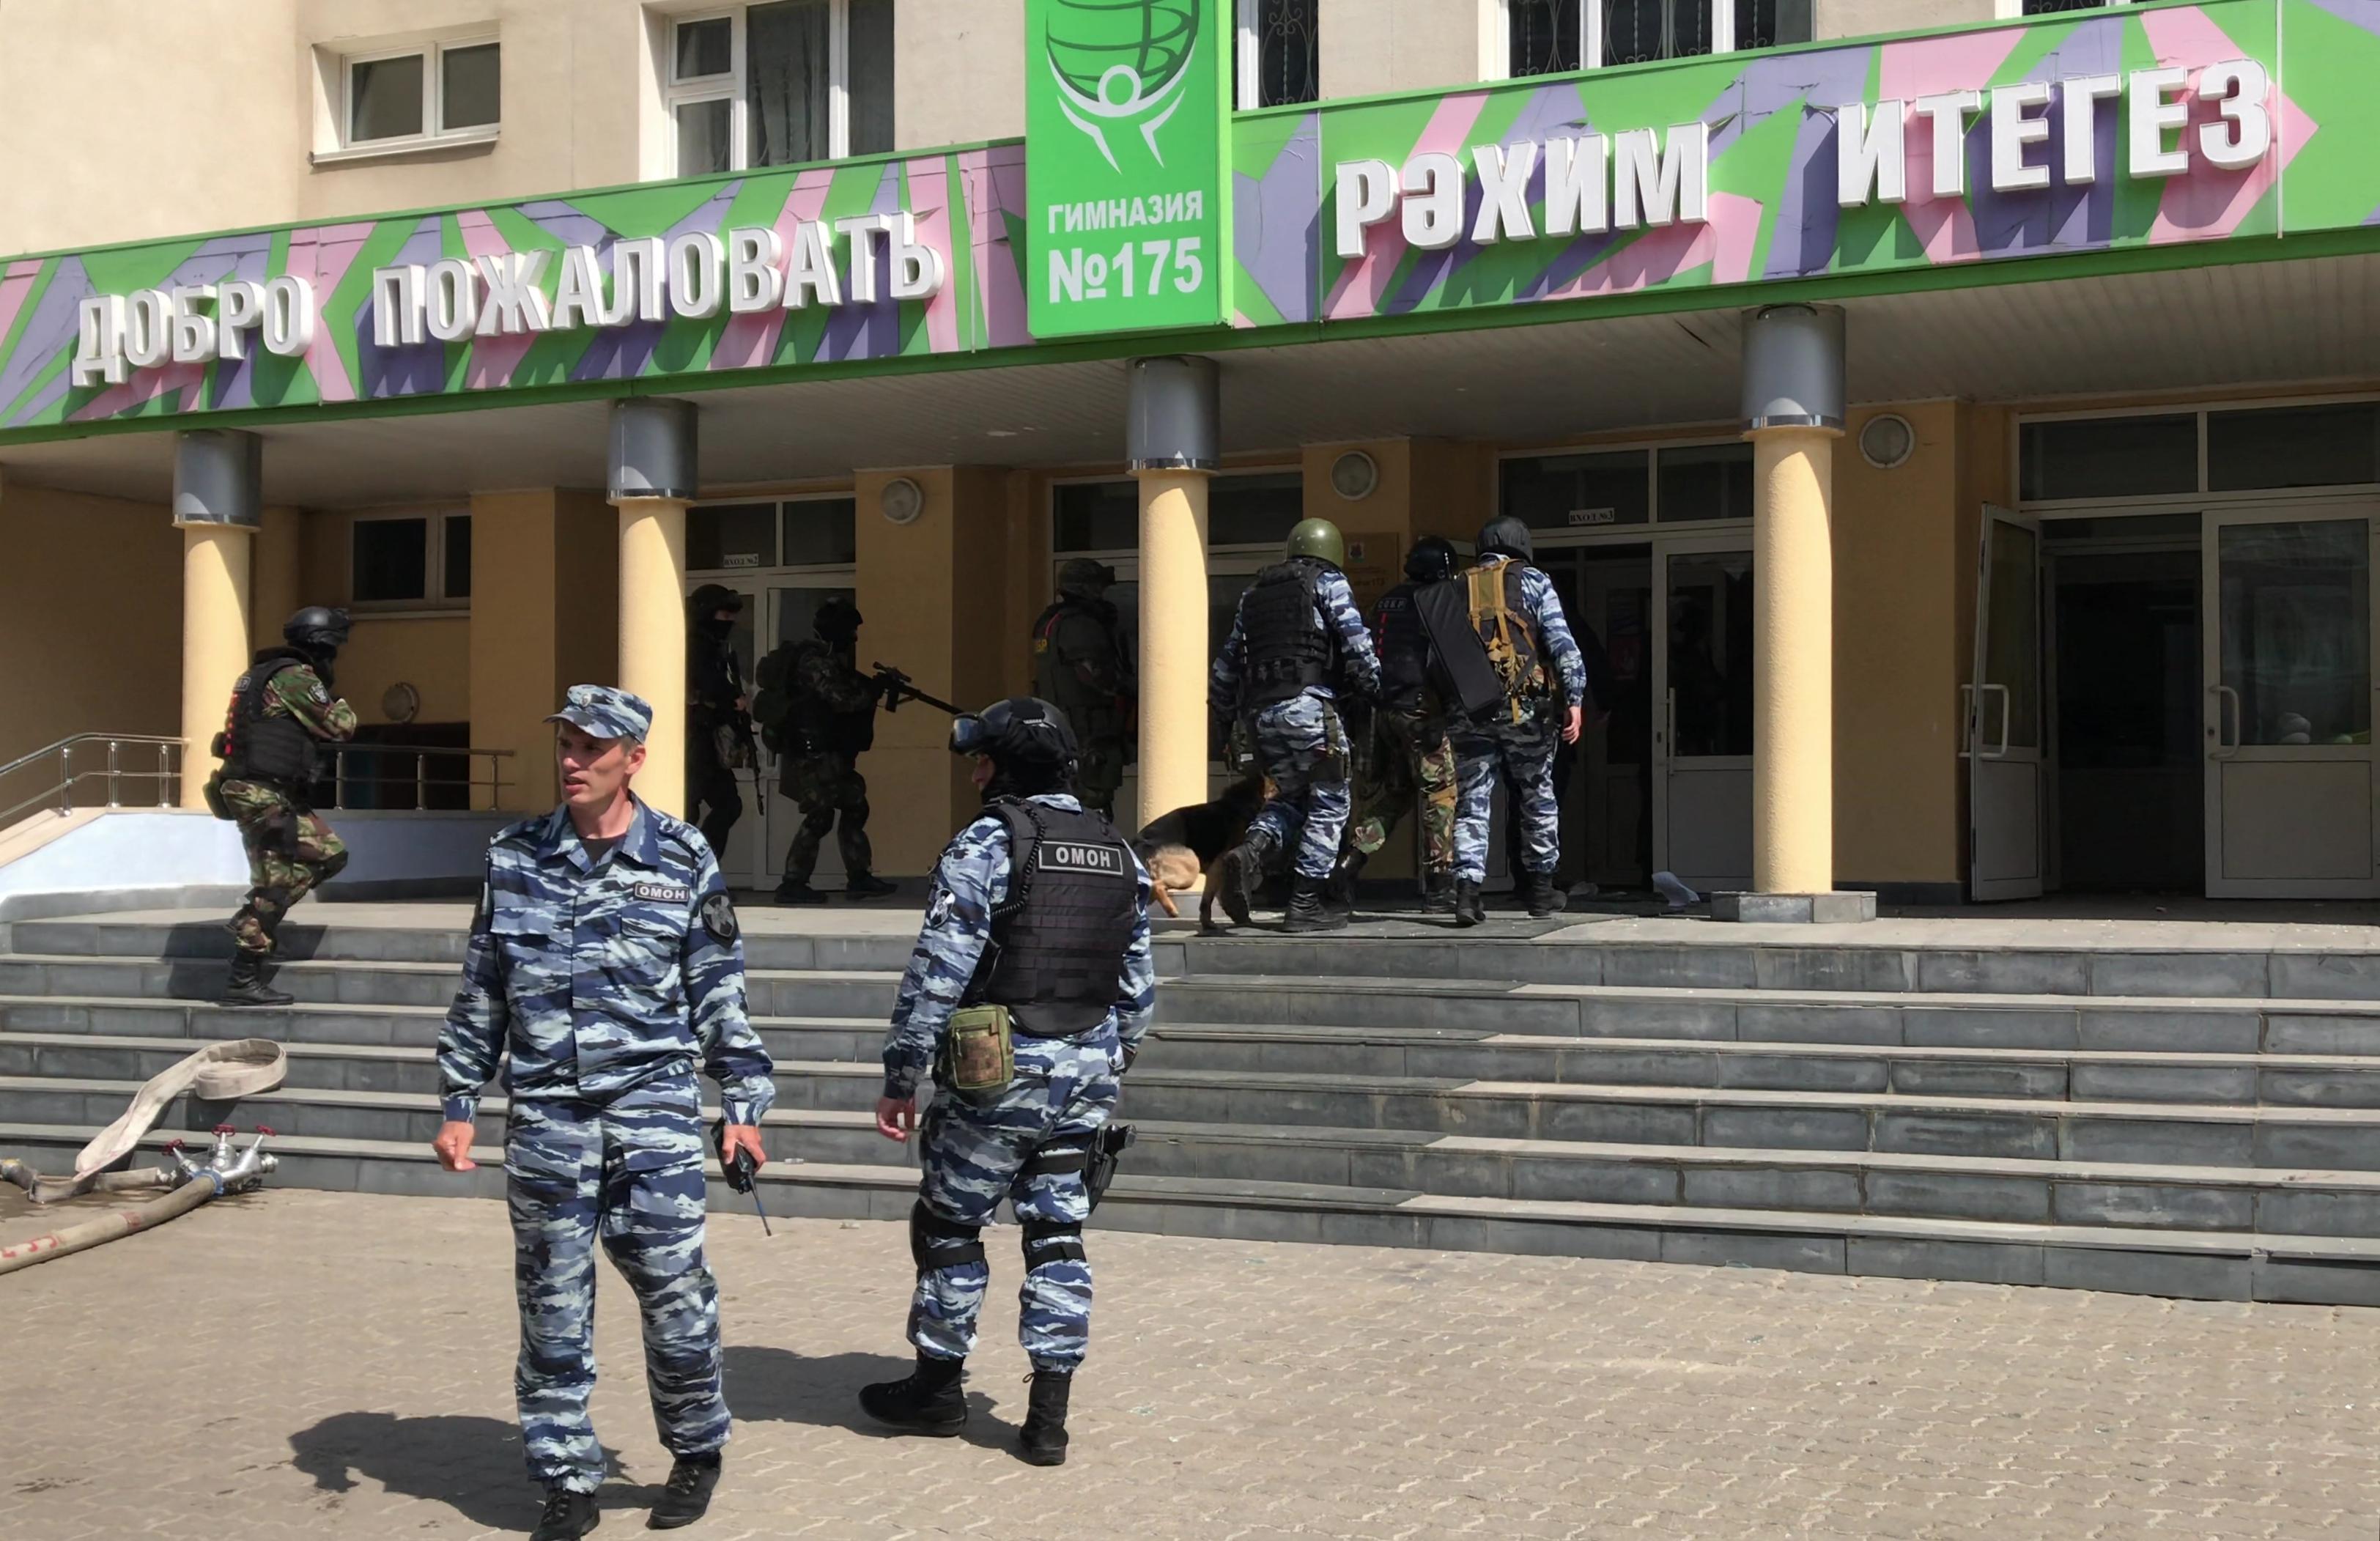 Gyerekeket és tanárokat is agyonlőtt a 19 éves támadó a kazanyi 175-ös számú iskolában